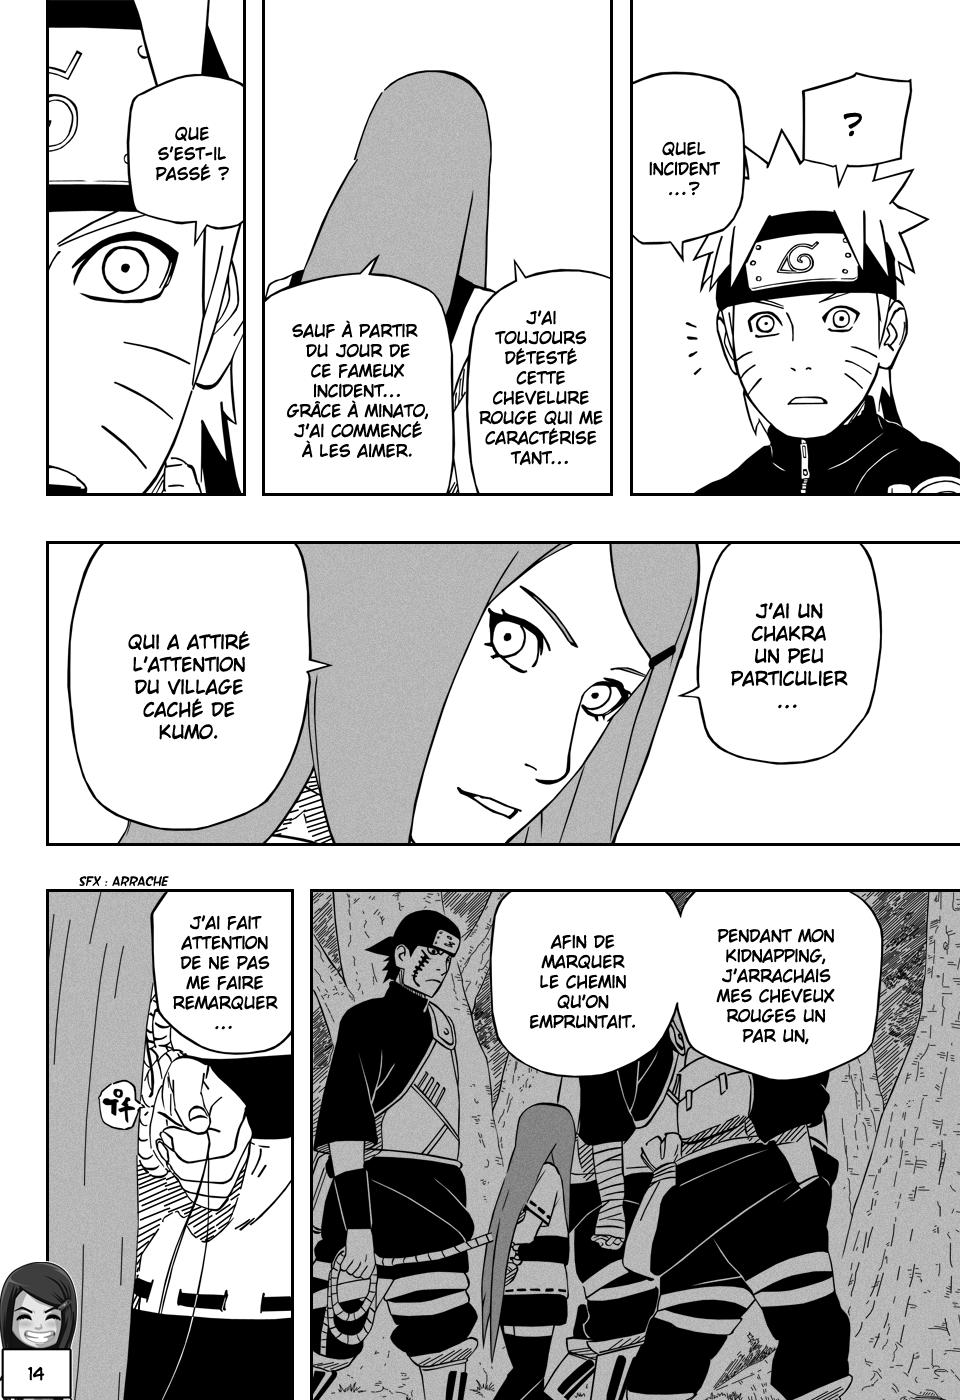 Naruto chapitre 498 - Page 14